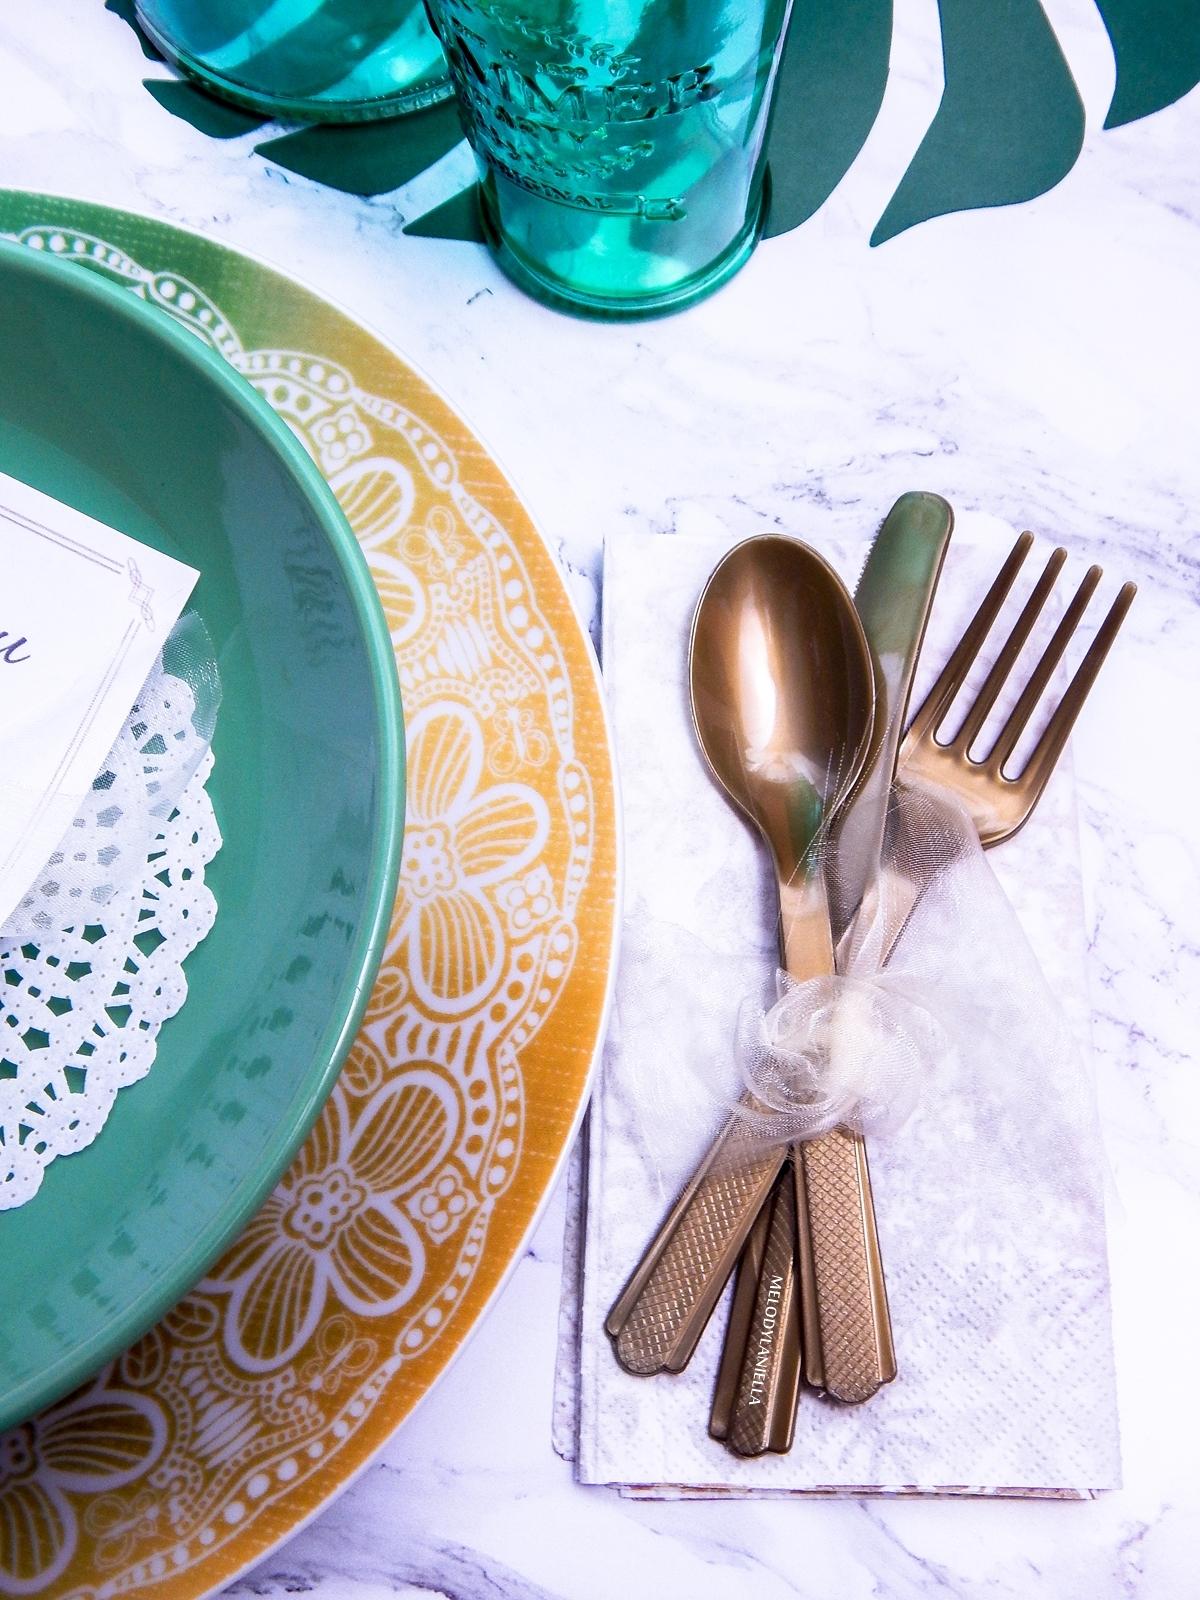 5 marmurowy deseń dodatki do marmuru złote widelce łyżki noże, jak podać ładnie jedzenie przepisy lifestyle pinterest melodylaniella partybox duka